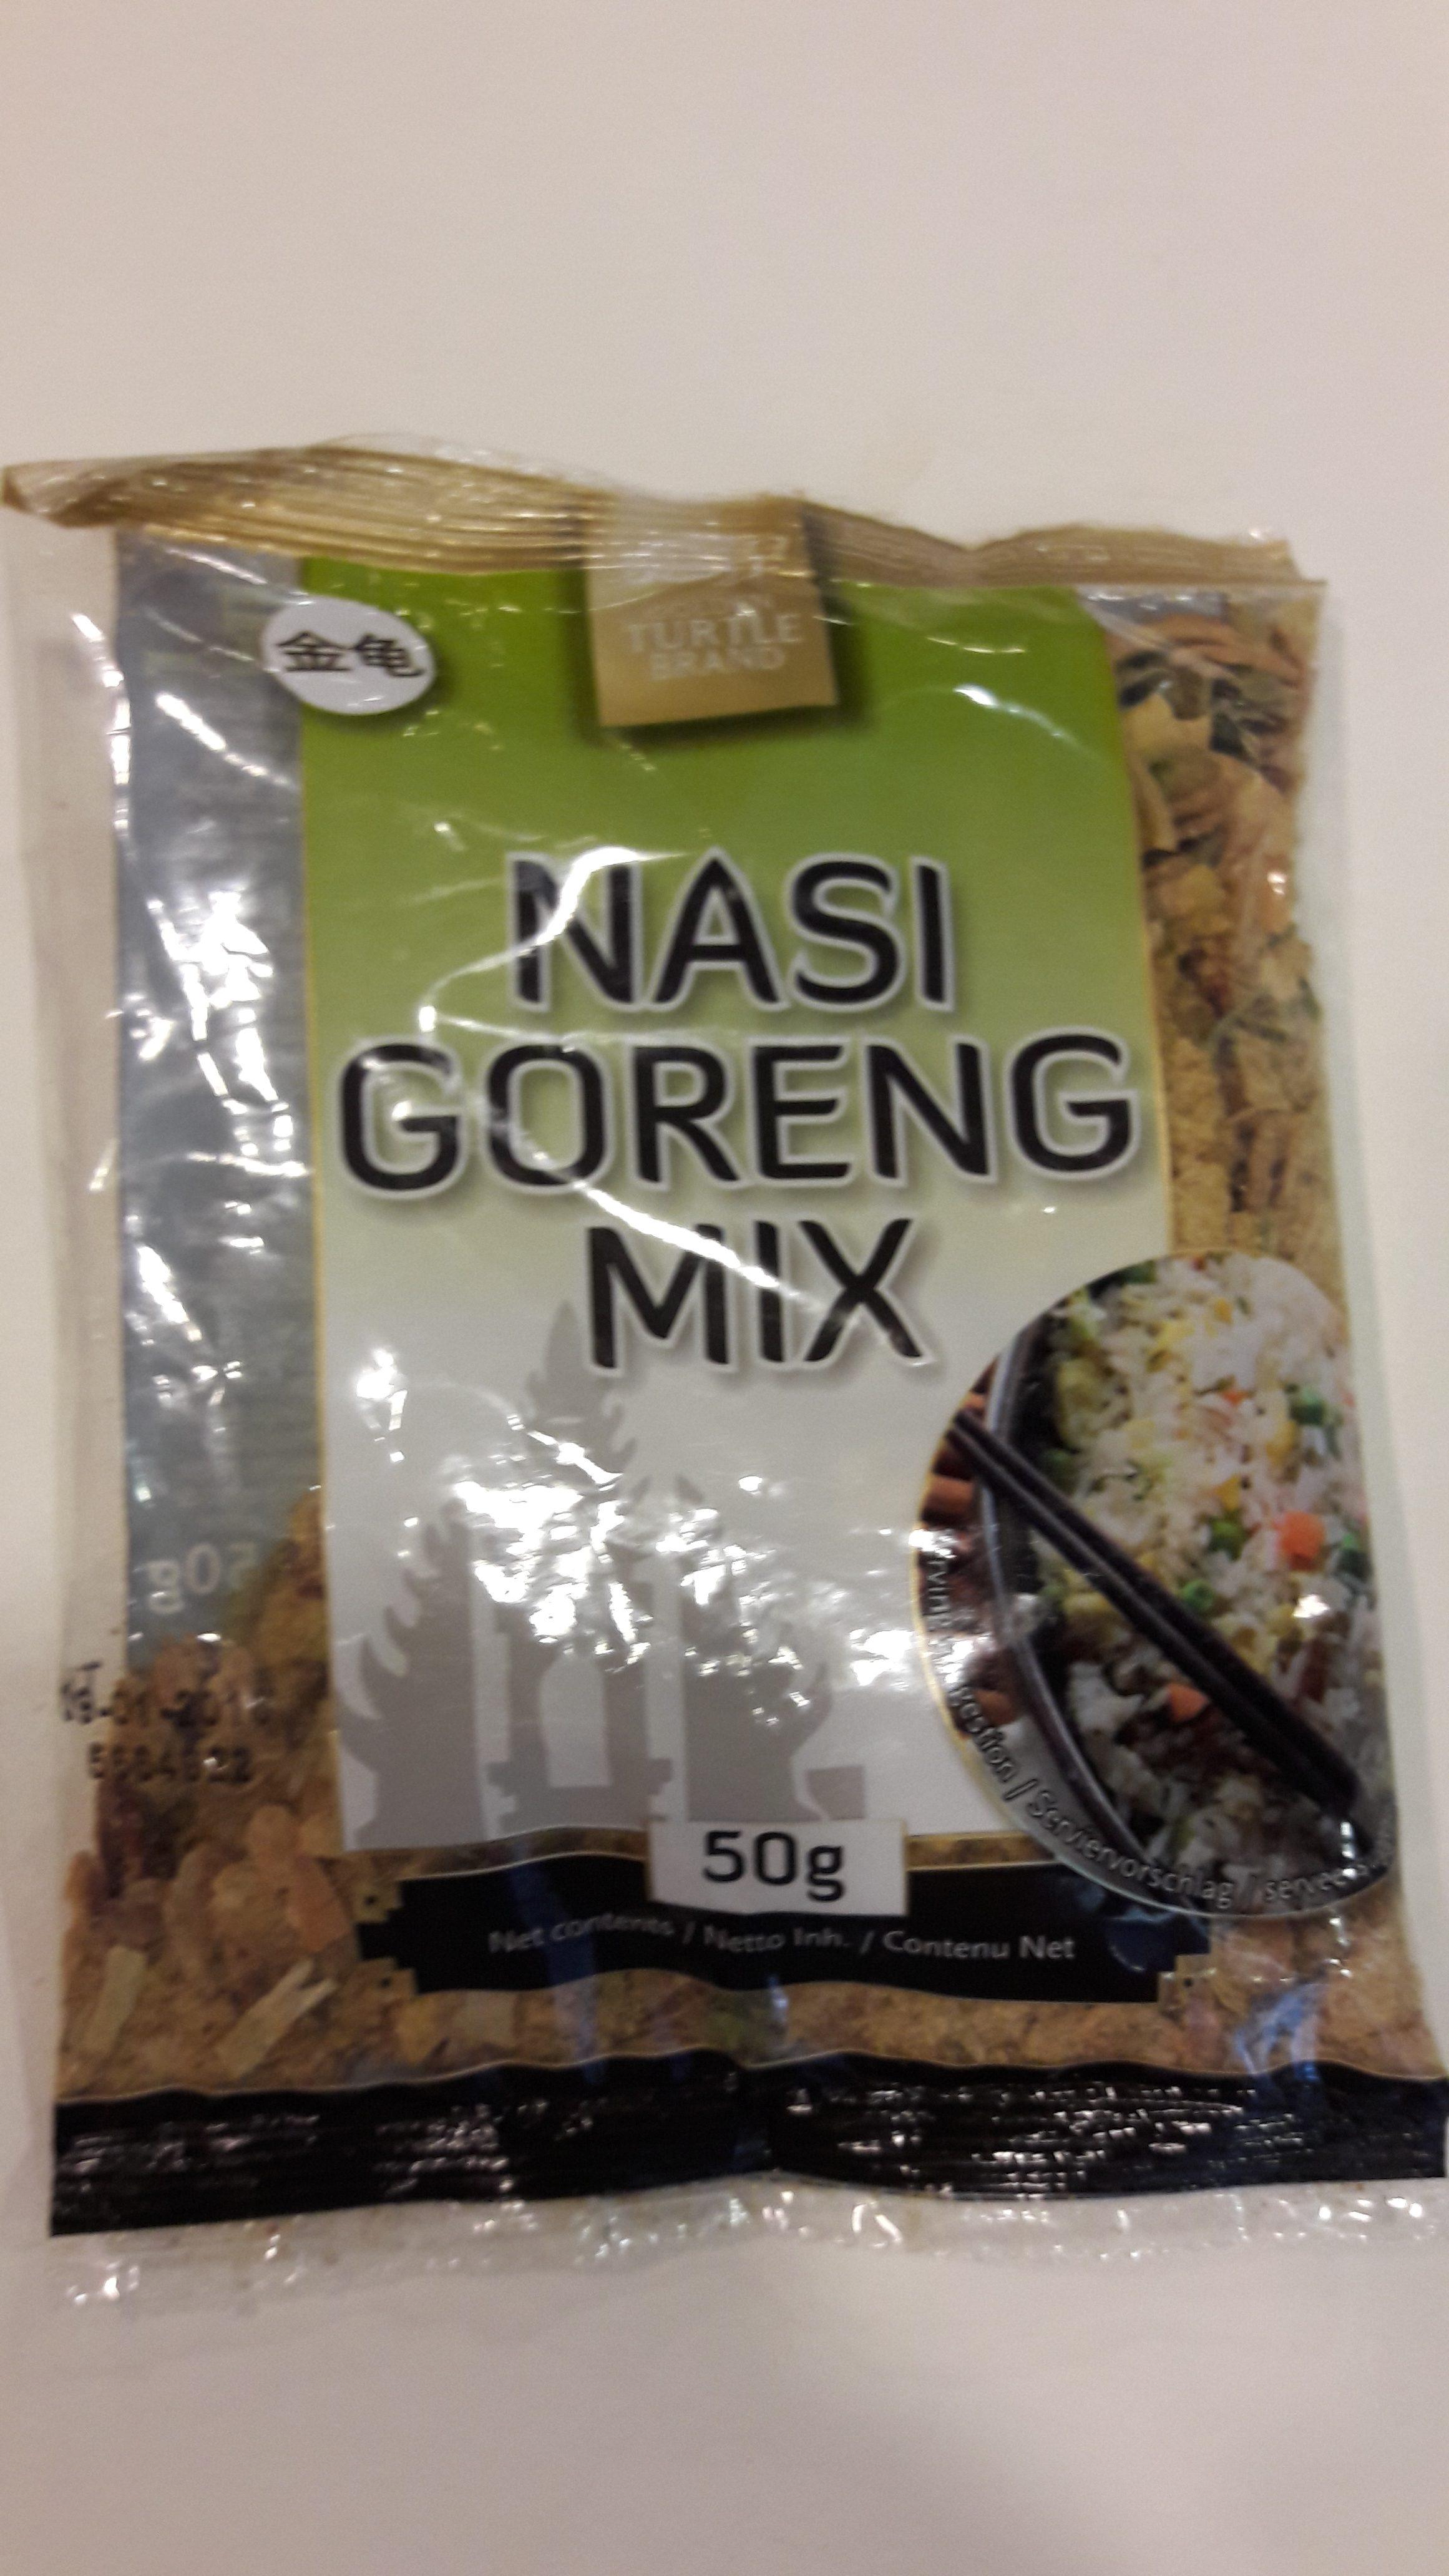 Nasi Goreng Mix Image